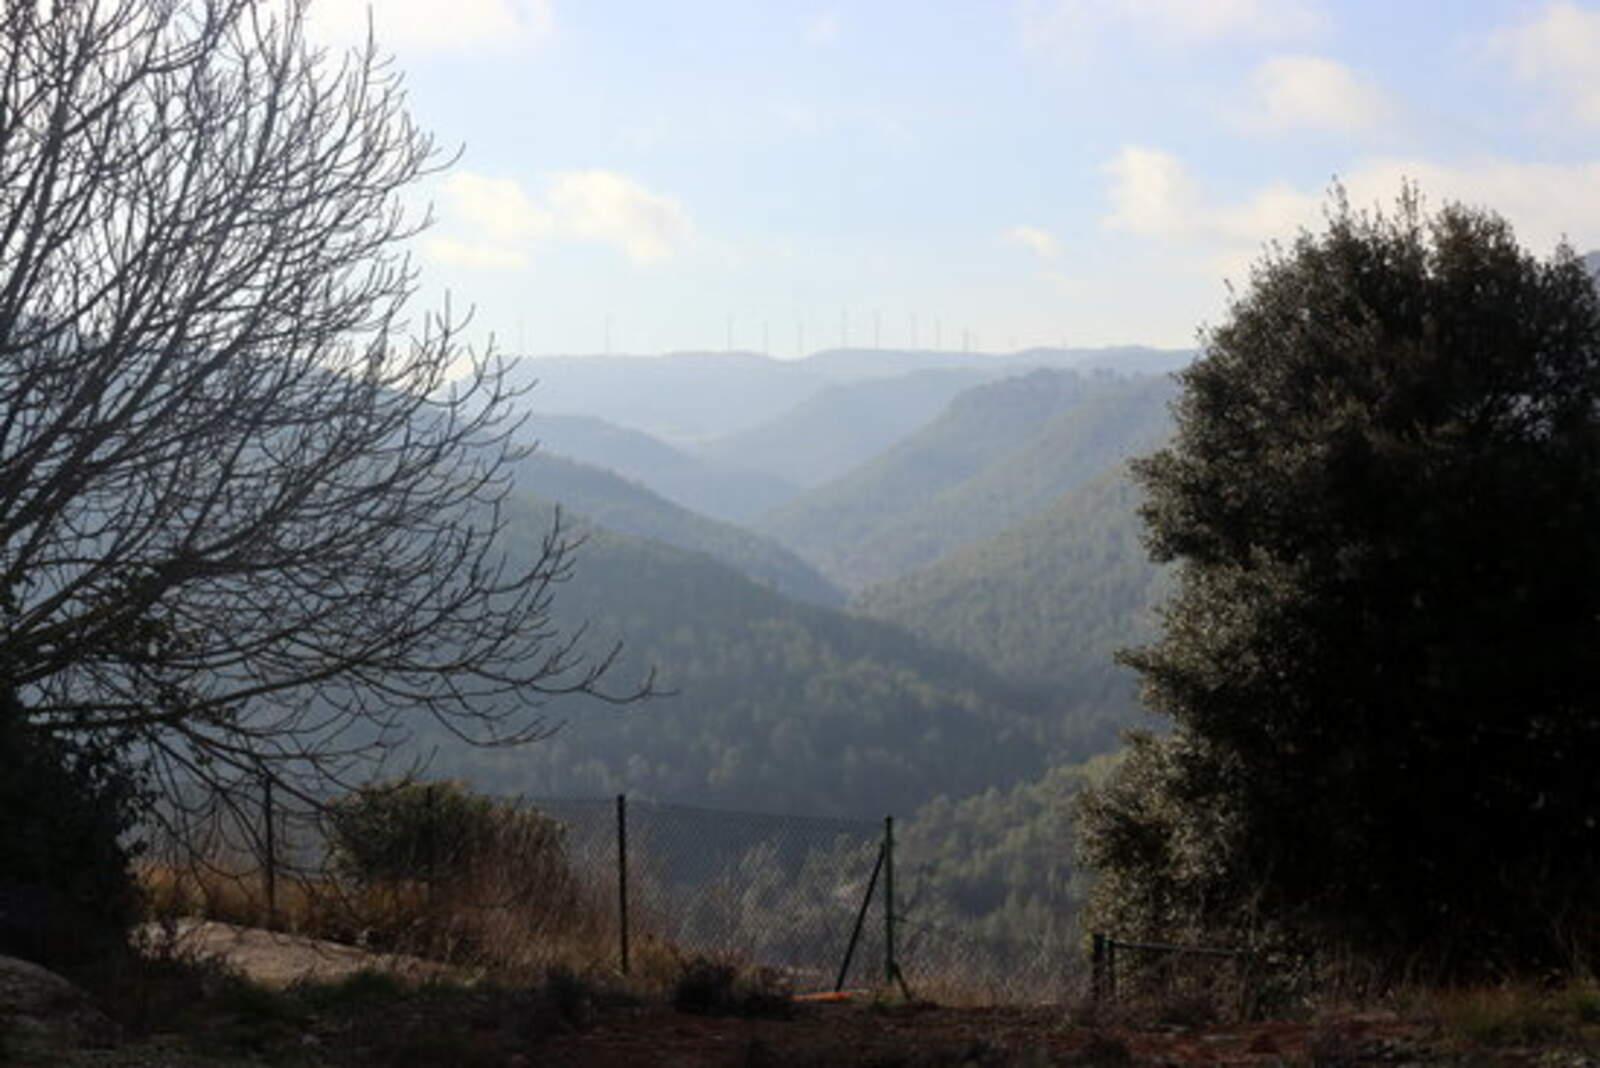 La vall on es projecten els parcs eòlics més grans del Bages